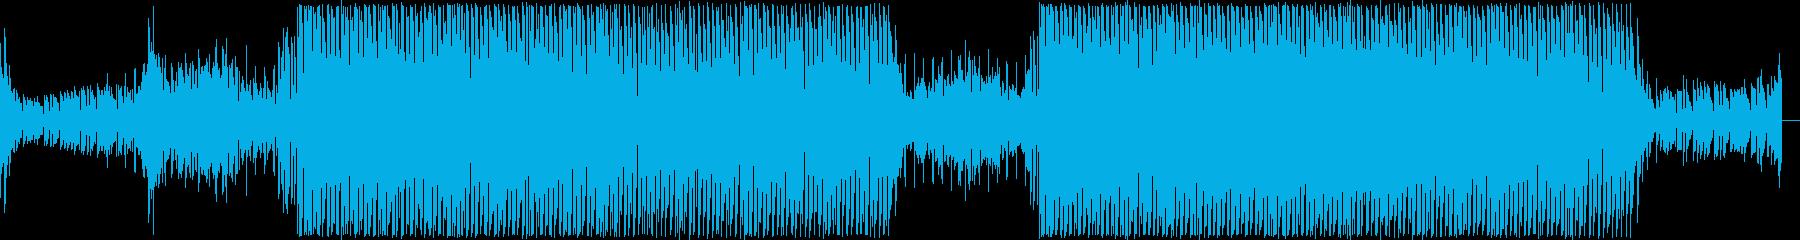 軽快なディスコハウスの再生済みの波形